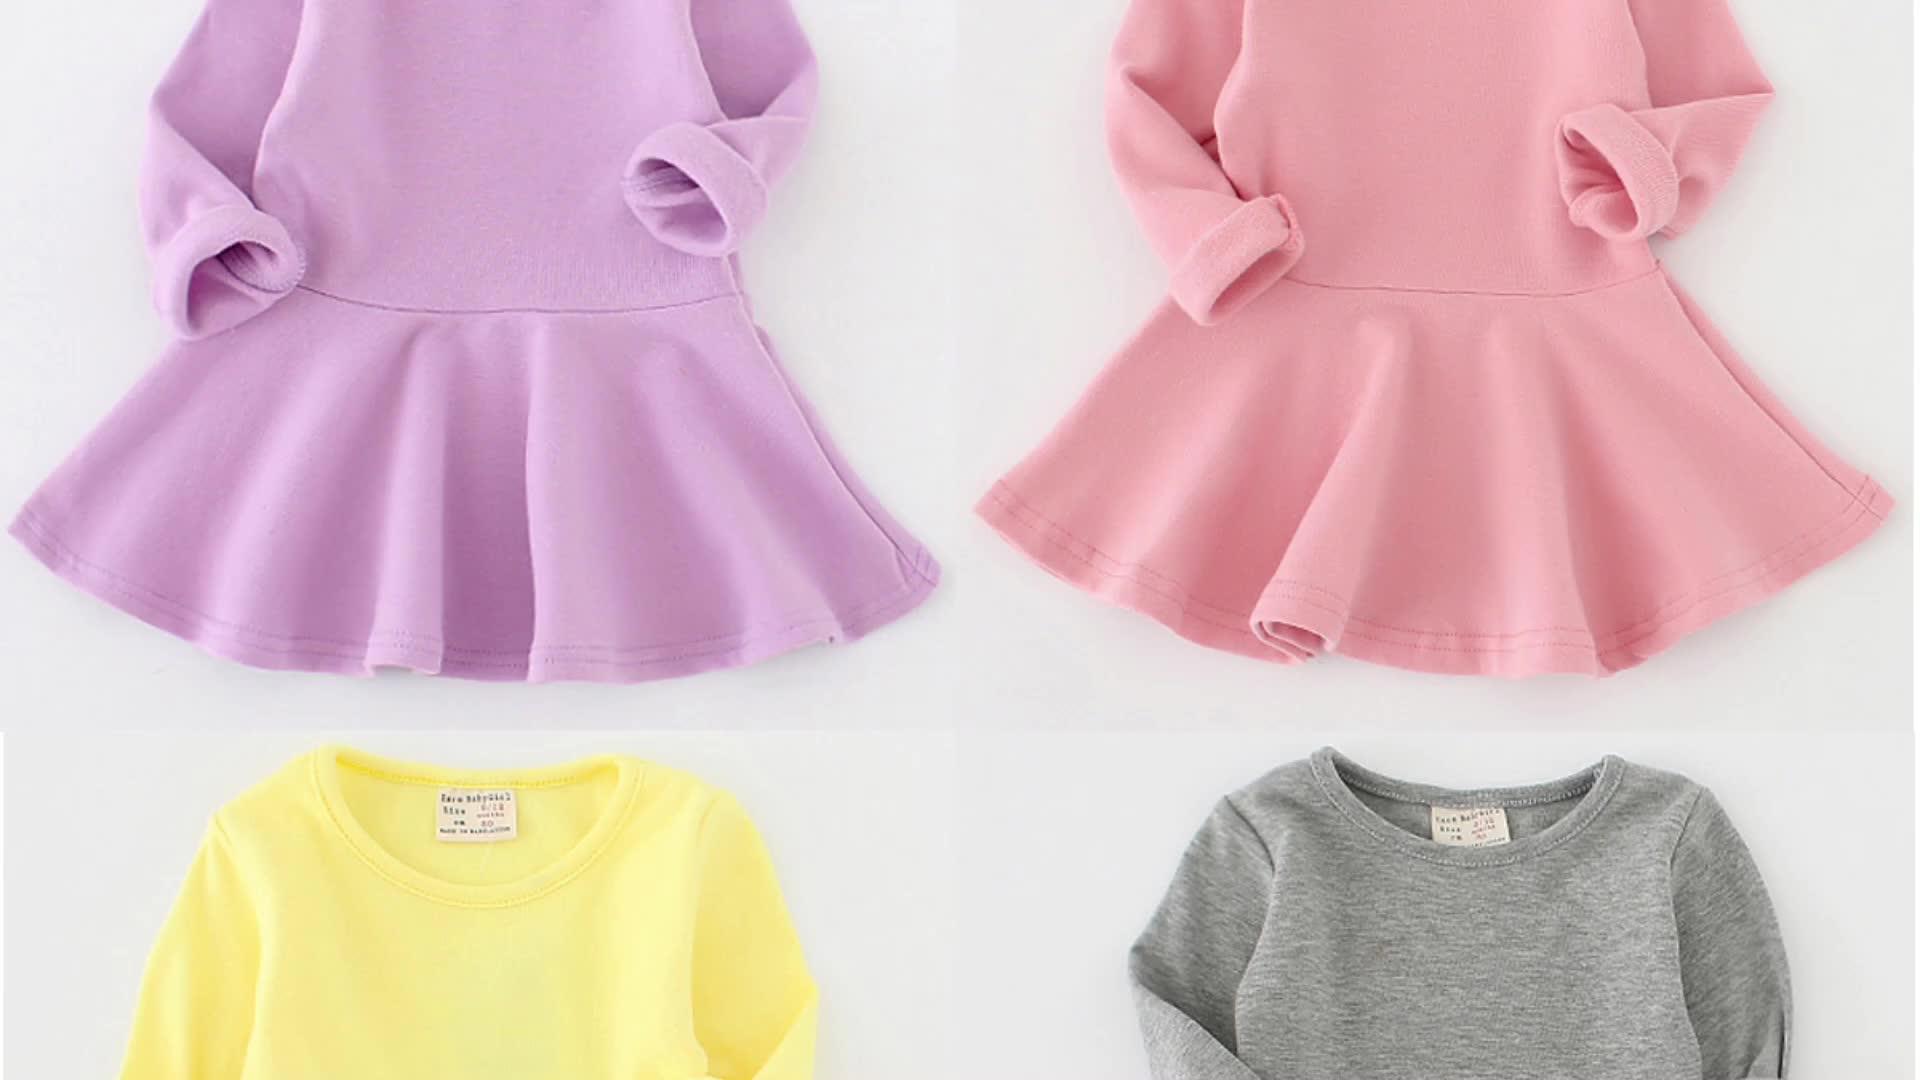 SEVWEN Outono Preppy Estilo Crianças Vestidos De Moda O-pescoço Babados Manga Longa de Algodão Do Bebê Vestido Da Menina